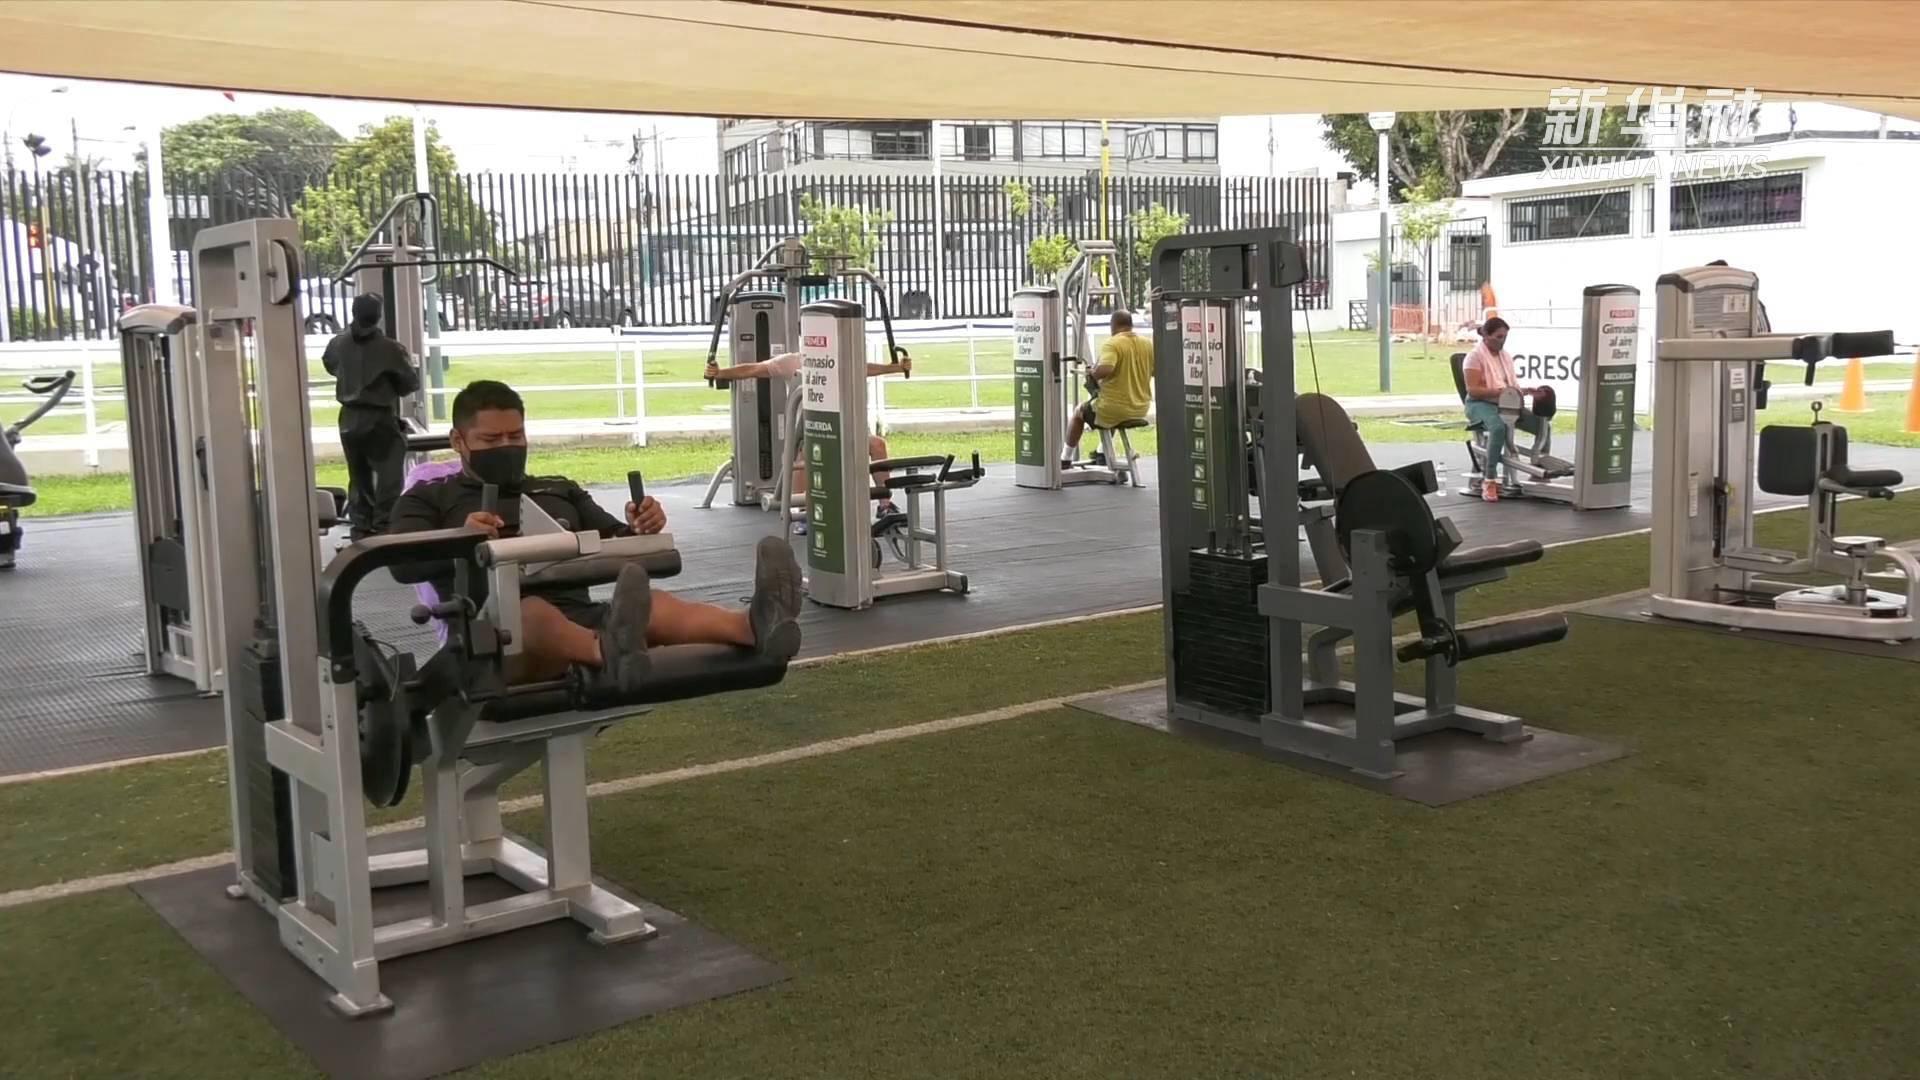 户外健身房:秘鲁人疫情中最安全的健身选择